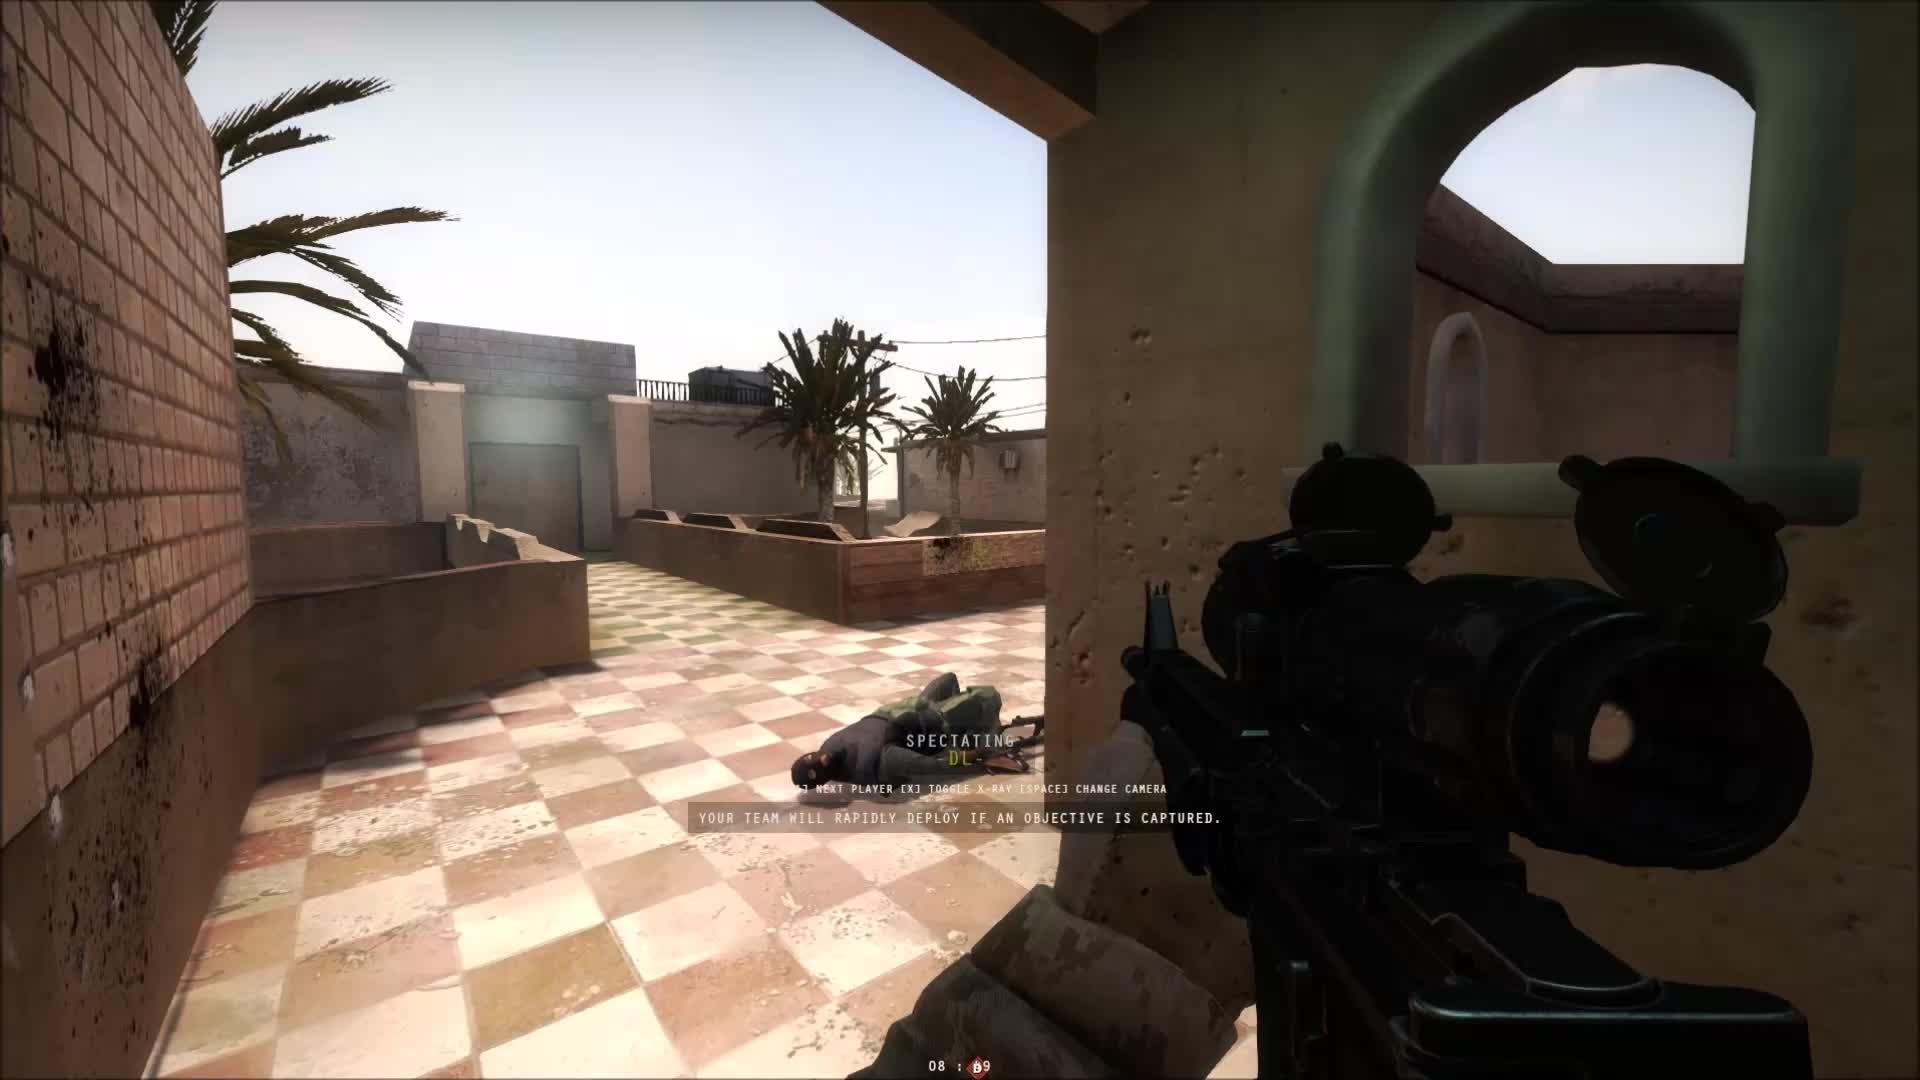 gaming_gifs, gamingpc, insurgency, Matrix meets Insurgency GIFs